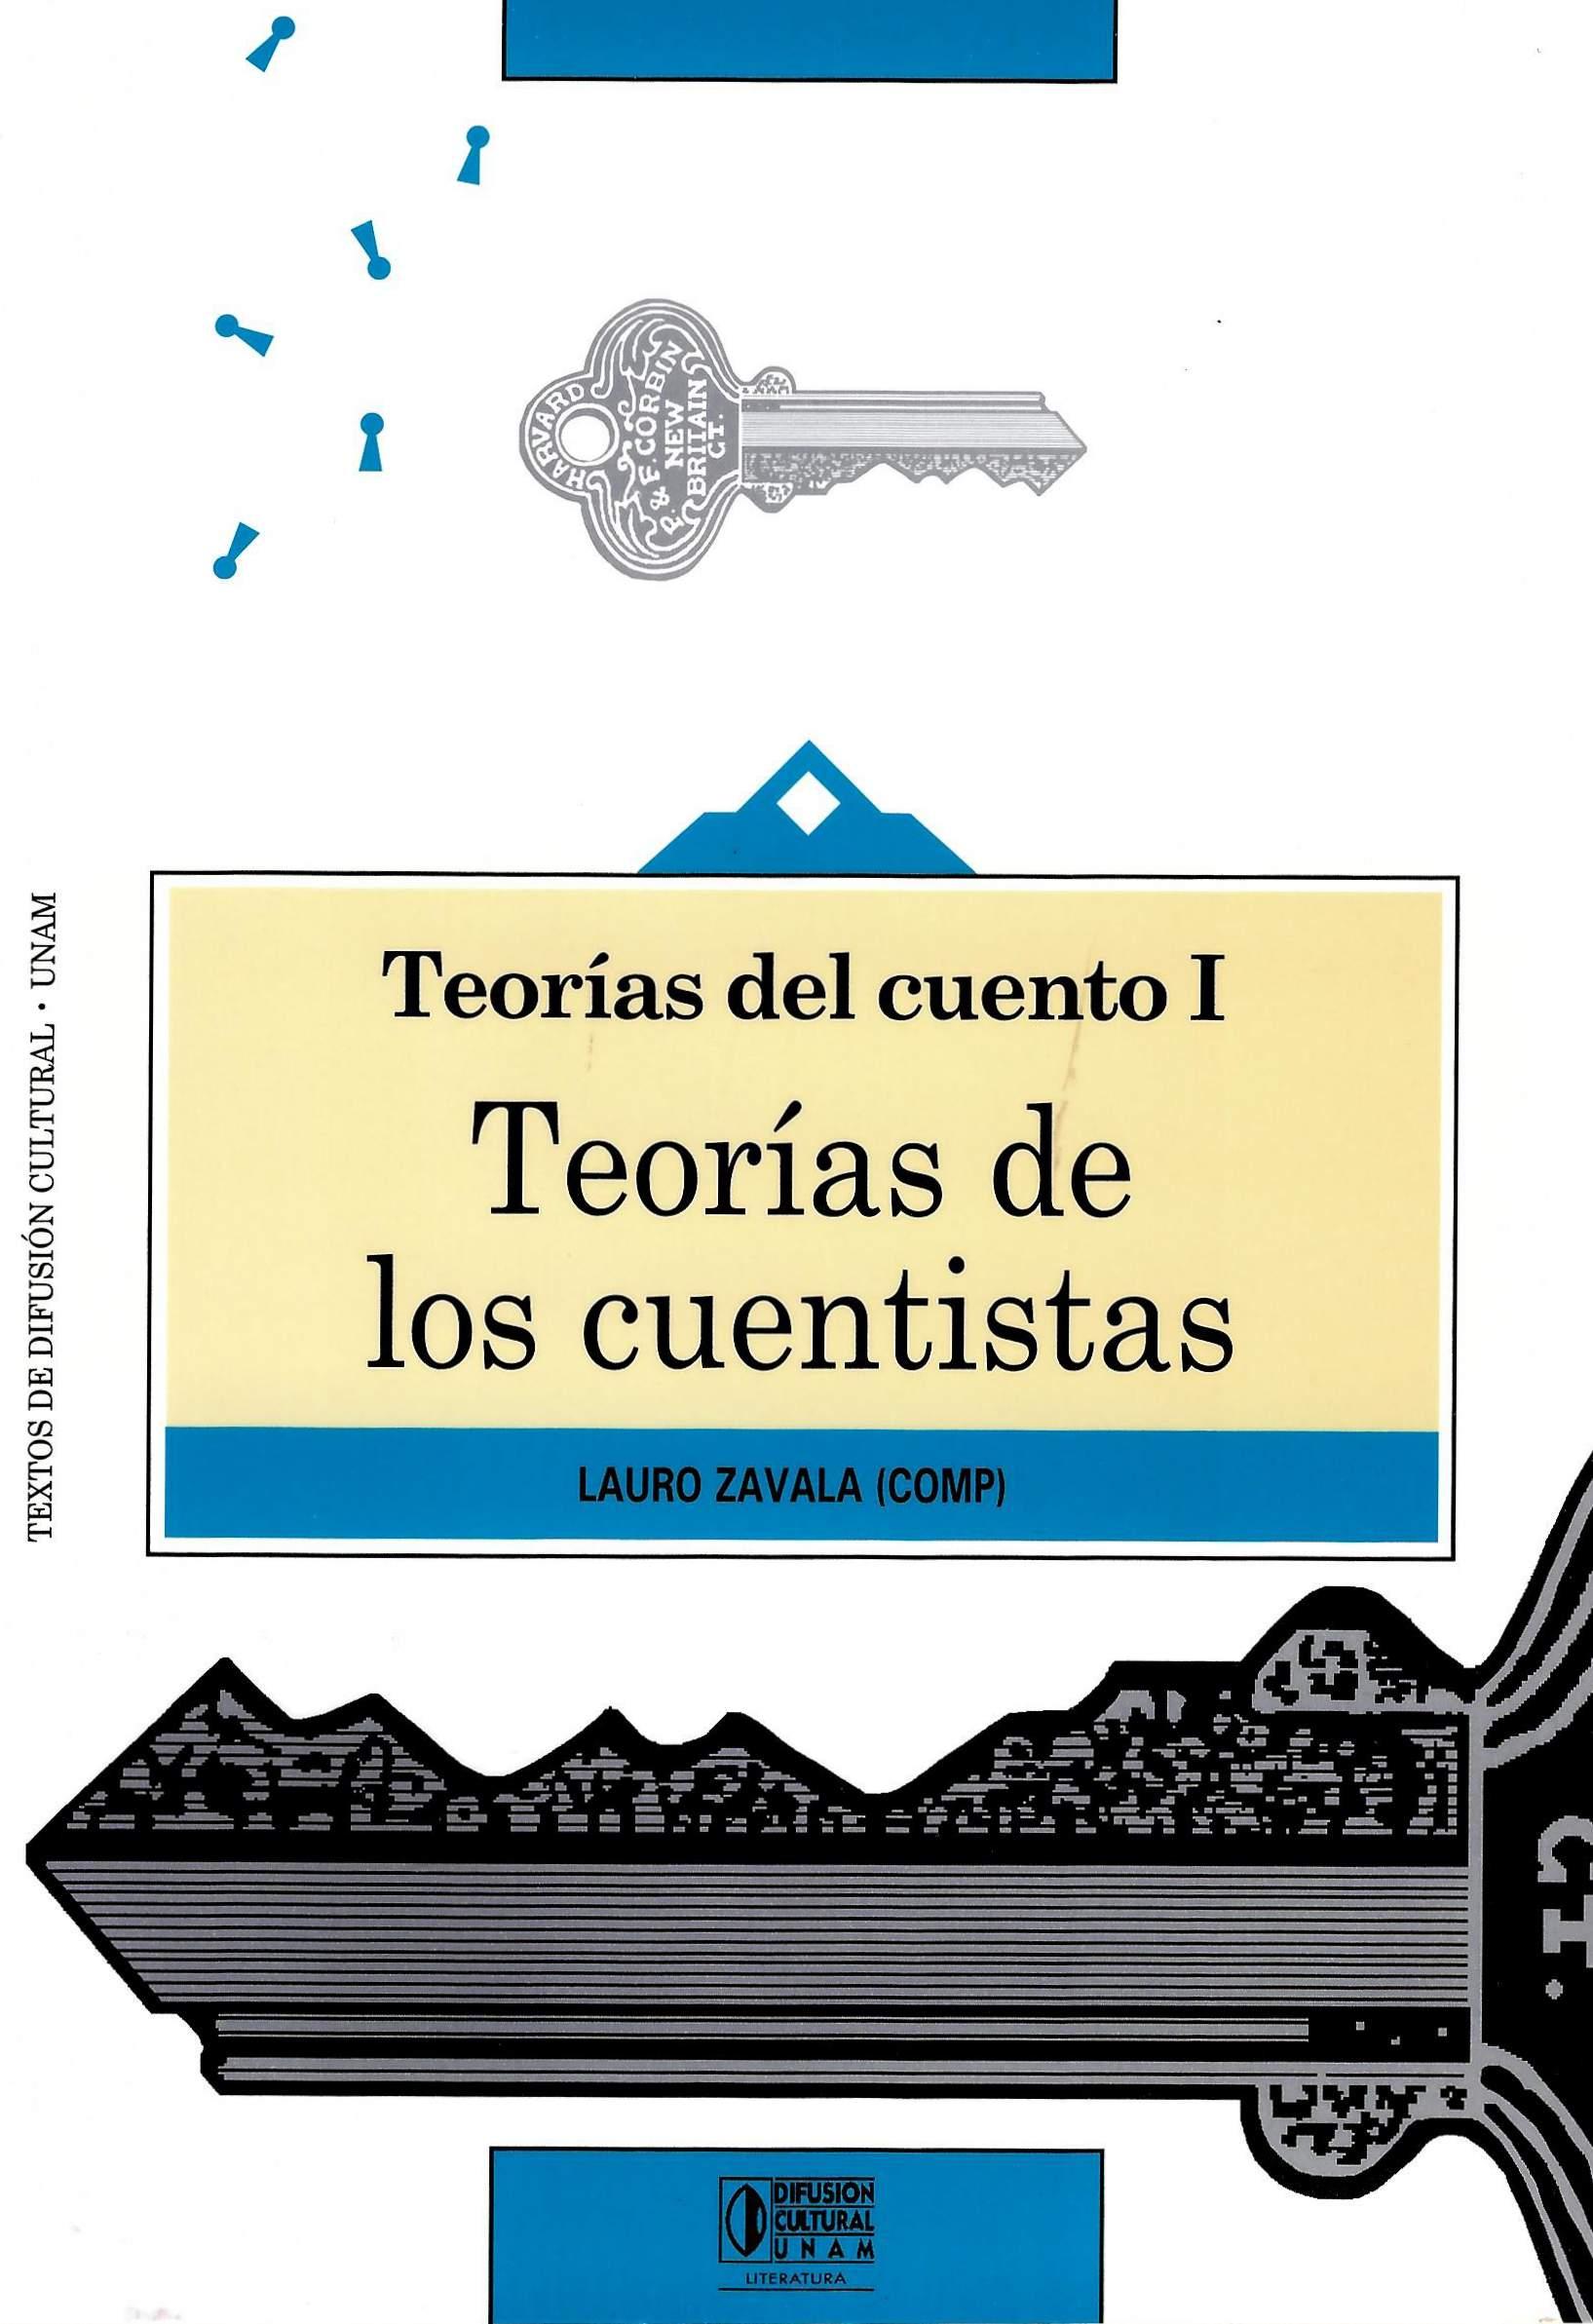 Colección Teorías del cuento I. Teorías de los cuentistas